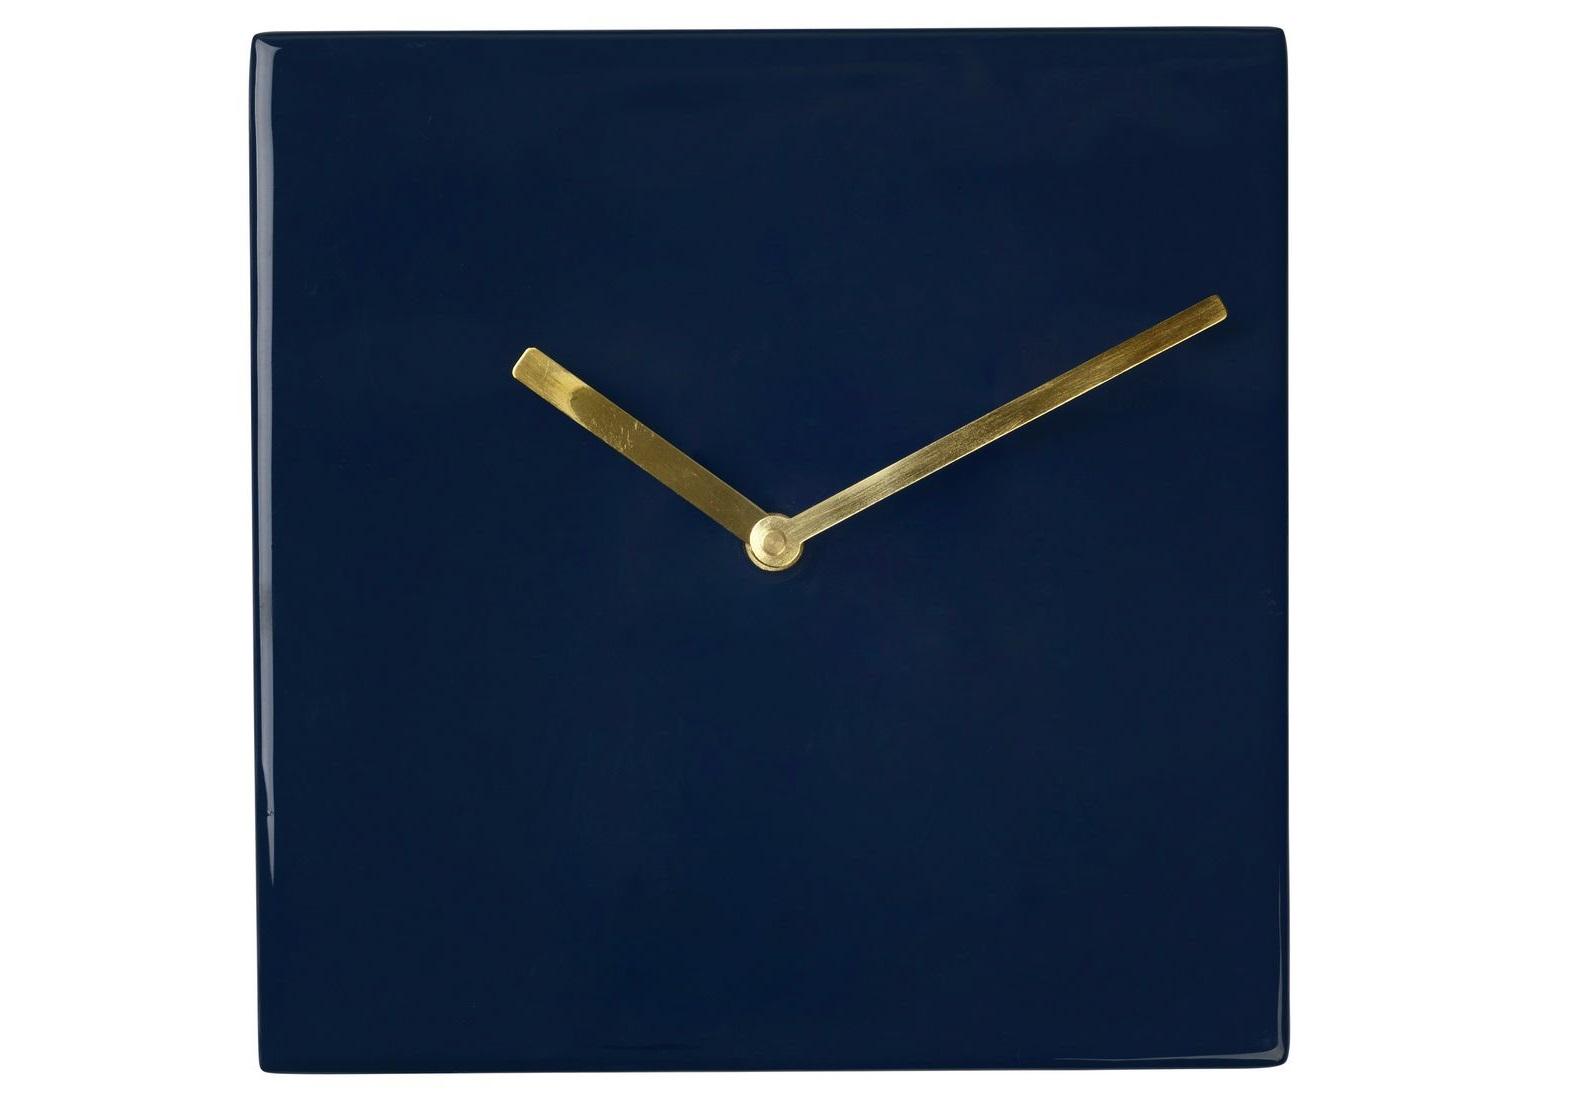 Часы настенные SquareНастенные часы<br>Broste Copenhagen – компания, основанная в 1955 году, занимает лидирующие позиции среди скандинавских брендов товаров для дома. Посуда Broste представлена в ресторанах, входящих в один из самых авторитетных рейтингов «Красный гид», созданный Андре Мишленом. Многие товары выполнены вручную, что придаёт им особенную неповторимость и качество. Традиционный скандинавский дизайн и современные тенденции производства – вот сочетание, заложенное в основу успешности этого старинного датского бренда.&amp;lt;div&amp;gt;&amp;lt;br&amp;gt;&amp;lt;/div&amp;gt;&amp;lt;div&amp;gt;кварцевый механизм&amp;lt;/div&amp;gt;<br><br>Material: Железо<br>Length см: None<br>Width см: 20<br>Depth см: 3<br>Height см: 20